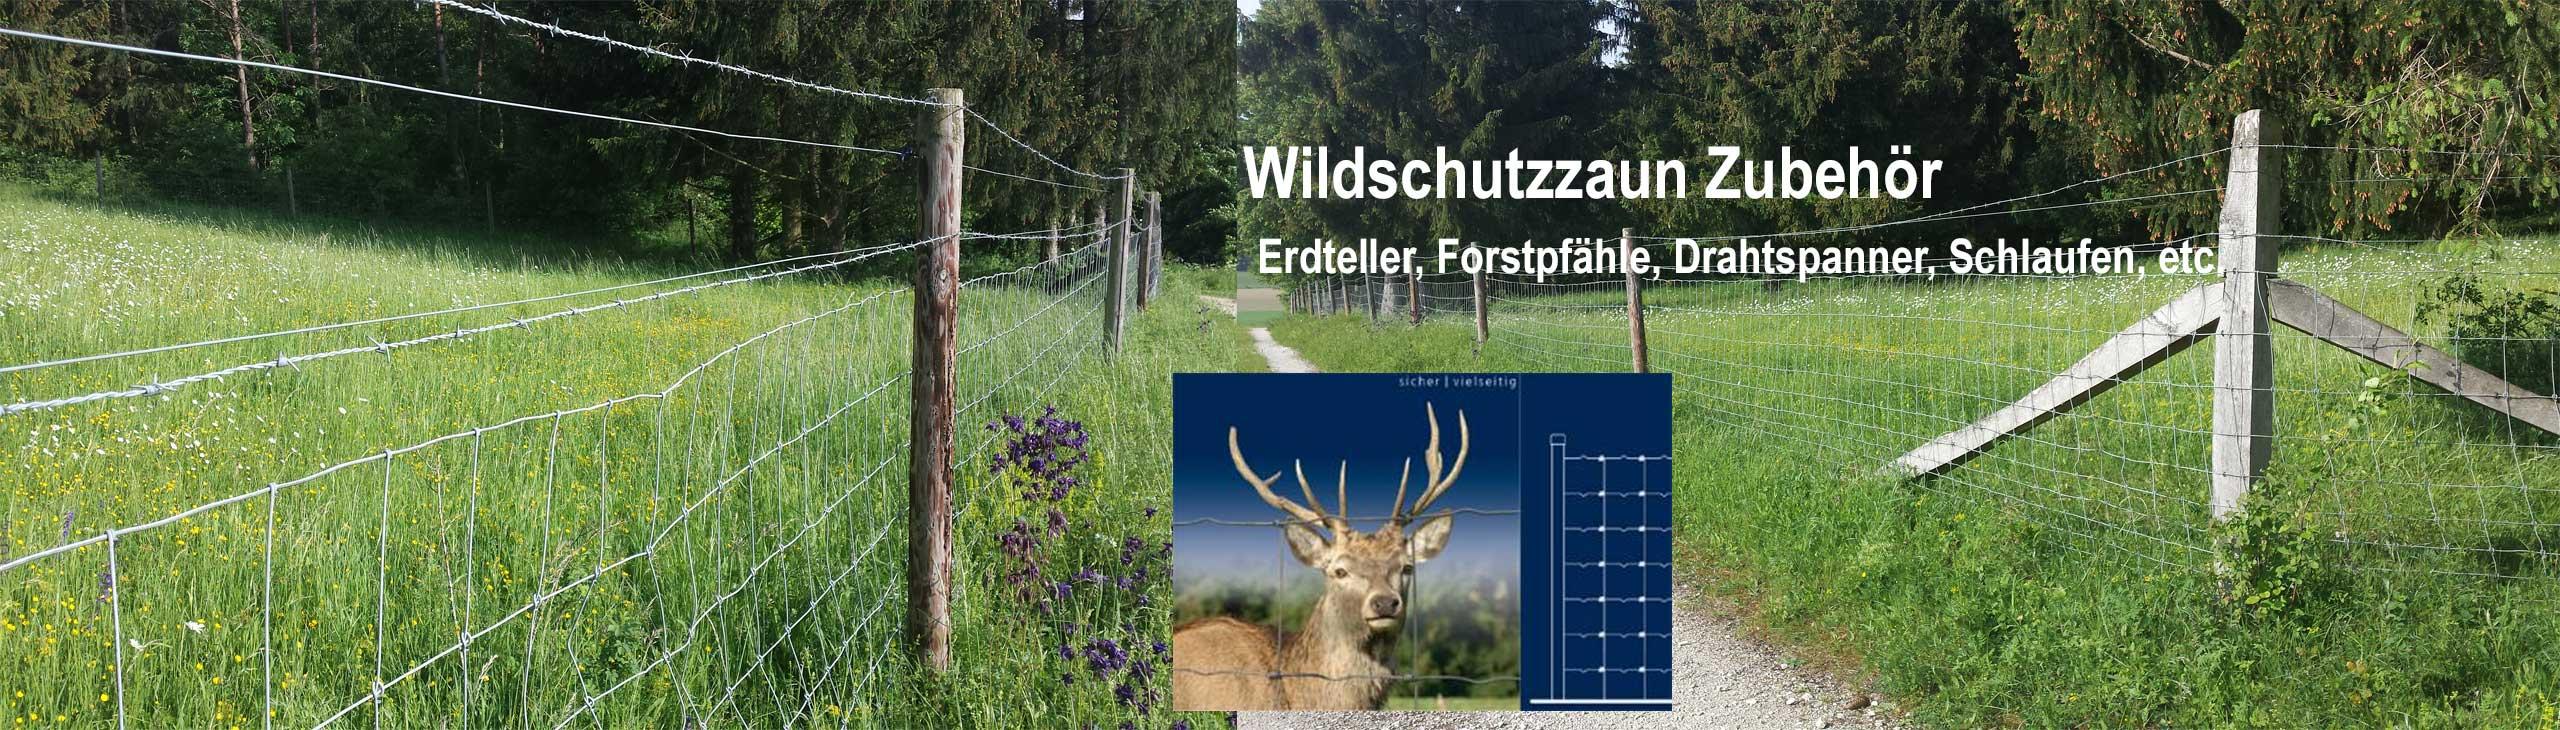 Wildschutzzaun Zubehör